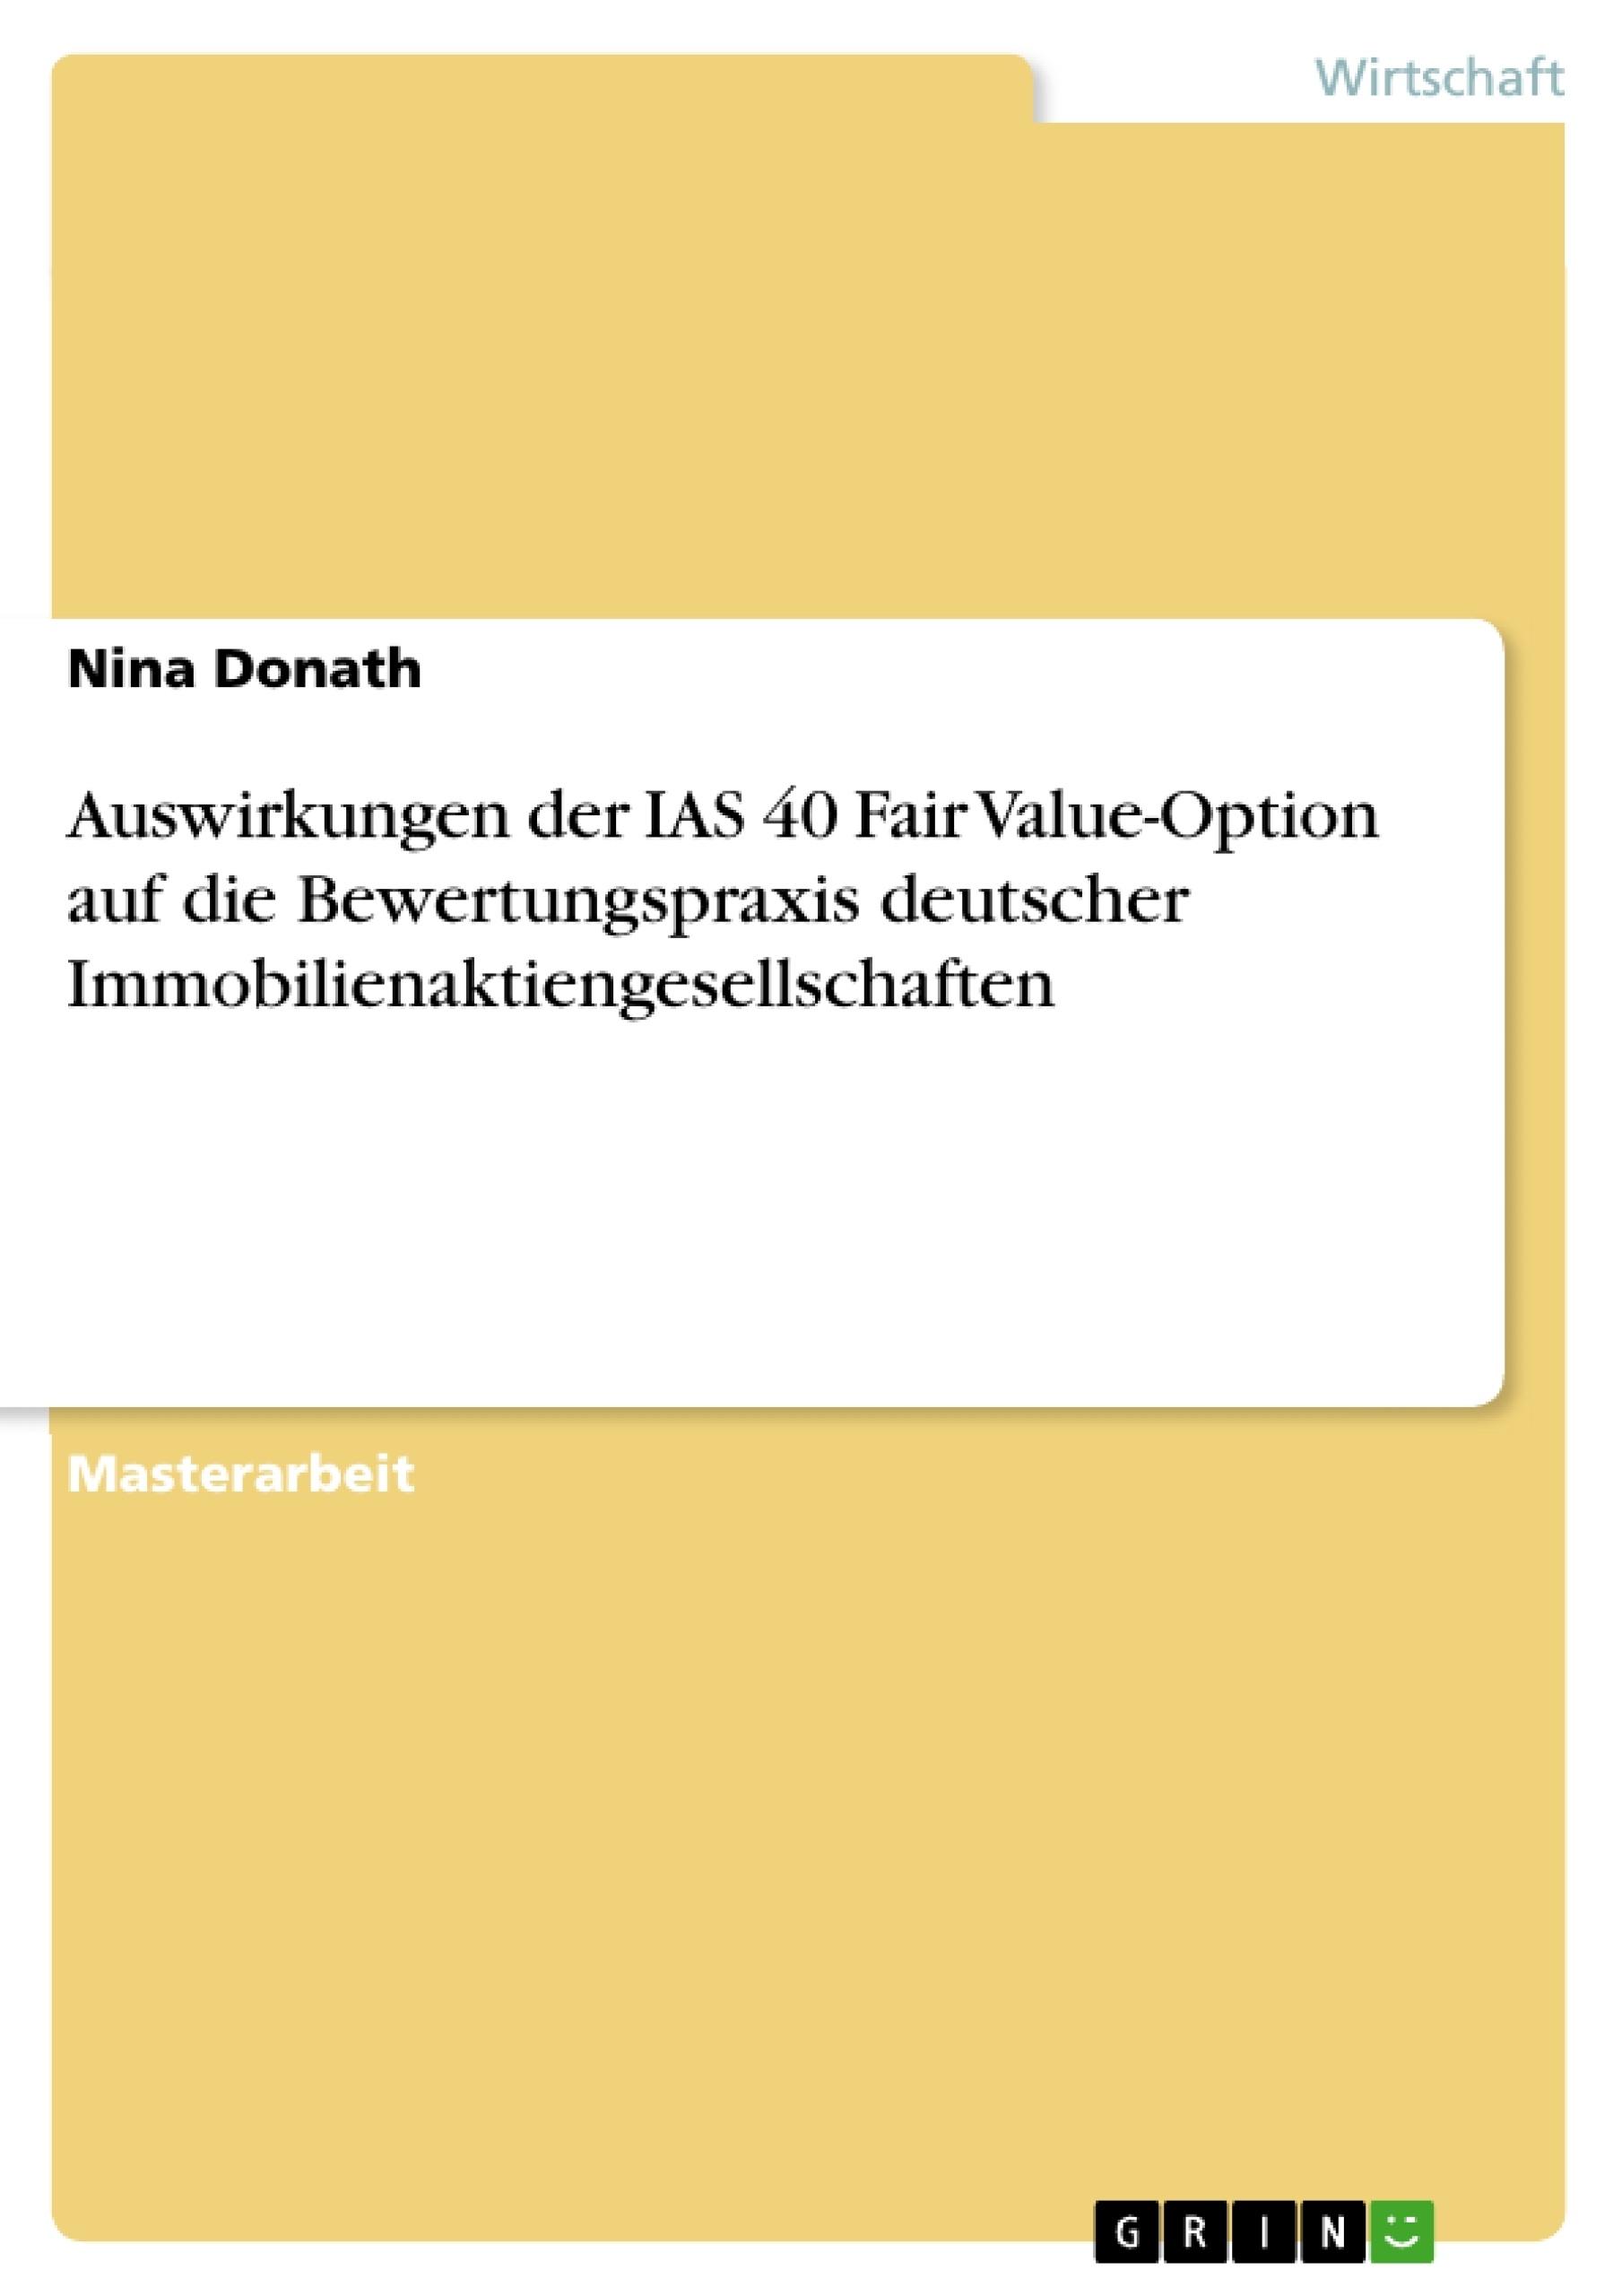 Titel: Auswirkungen der IAS 40 Fair Value-Option auf die Bewertungspraxis deutscher Immobilienaktiengesellschaften